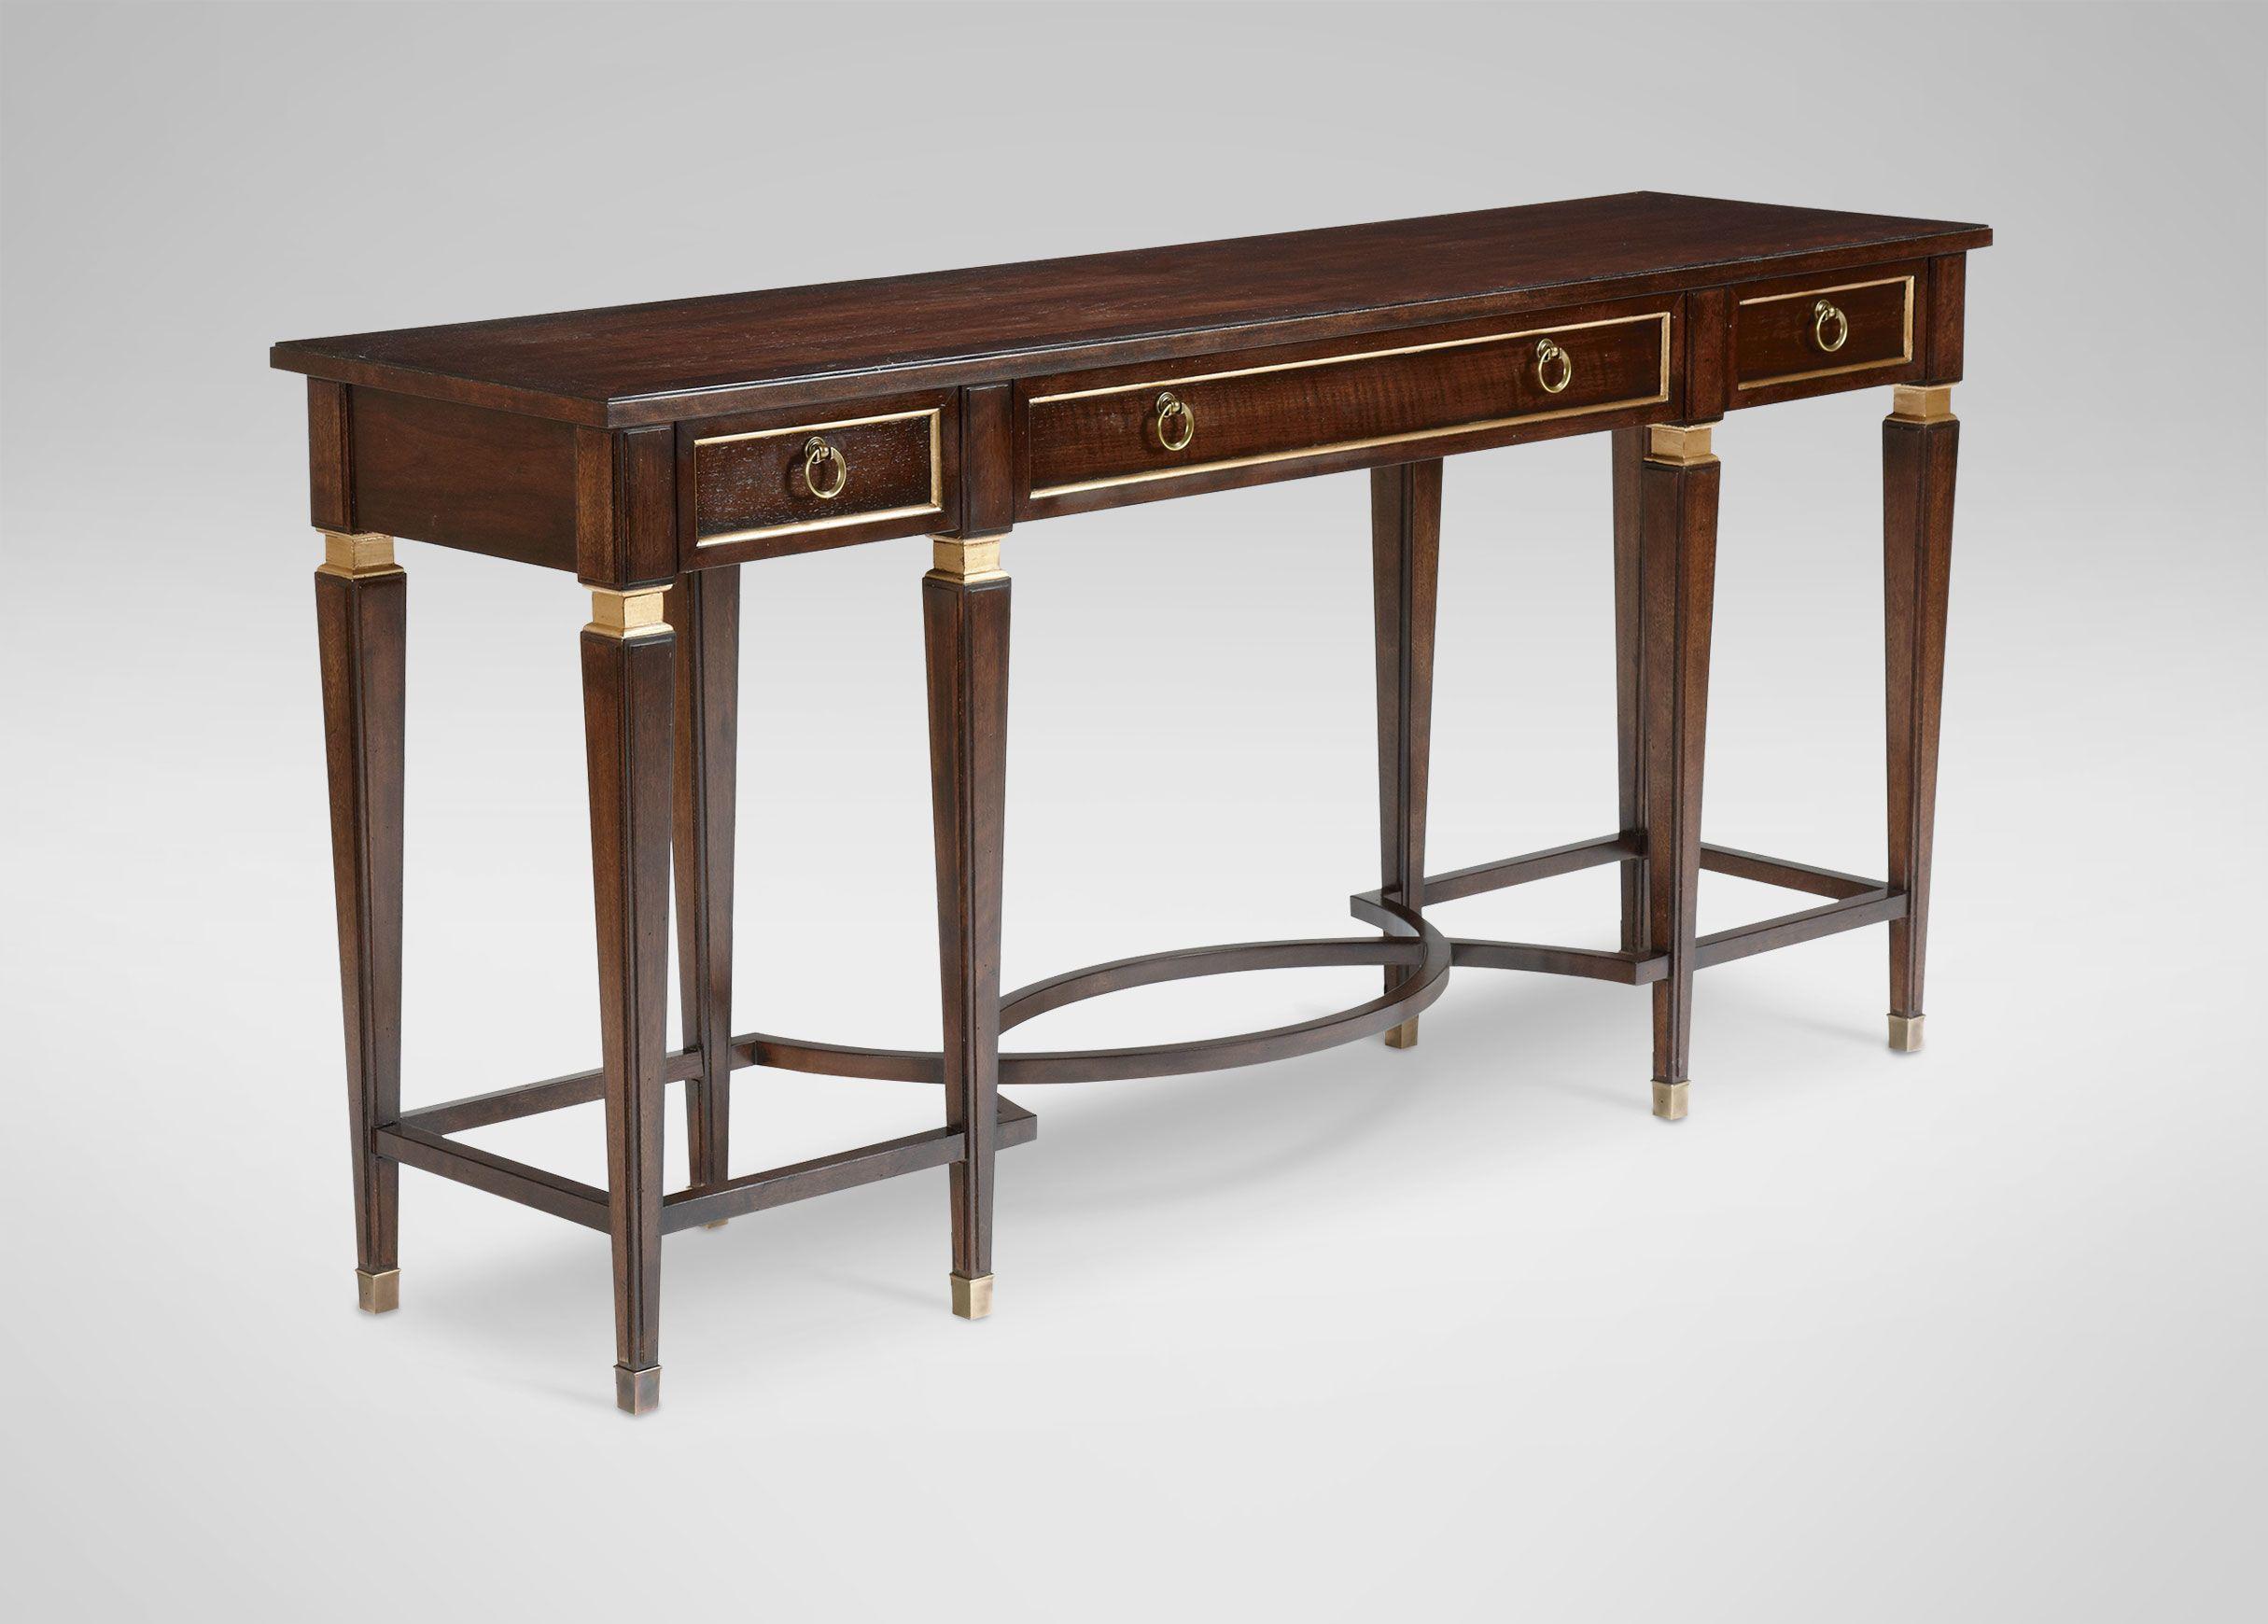 elmont console table - ethan allen | dining | pinterest | shops